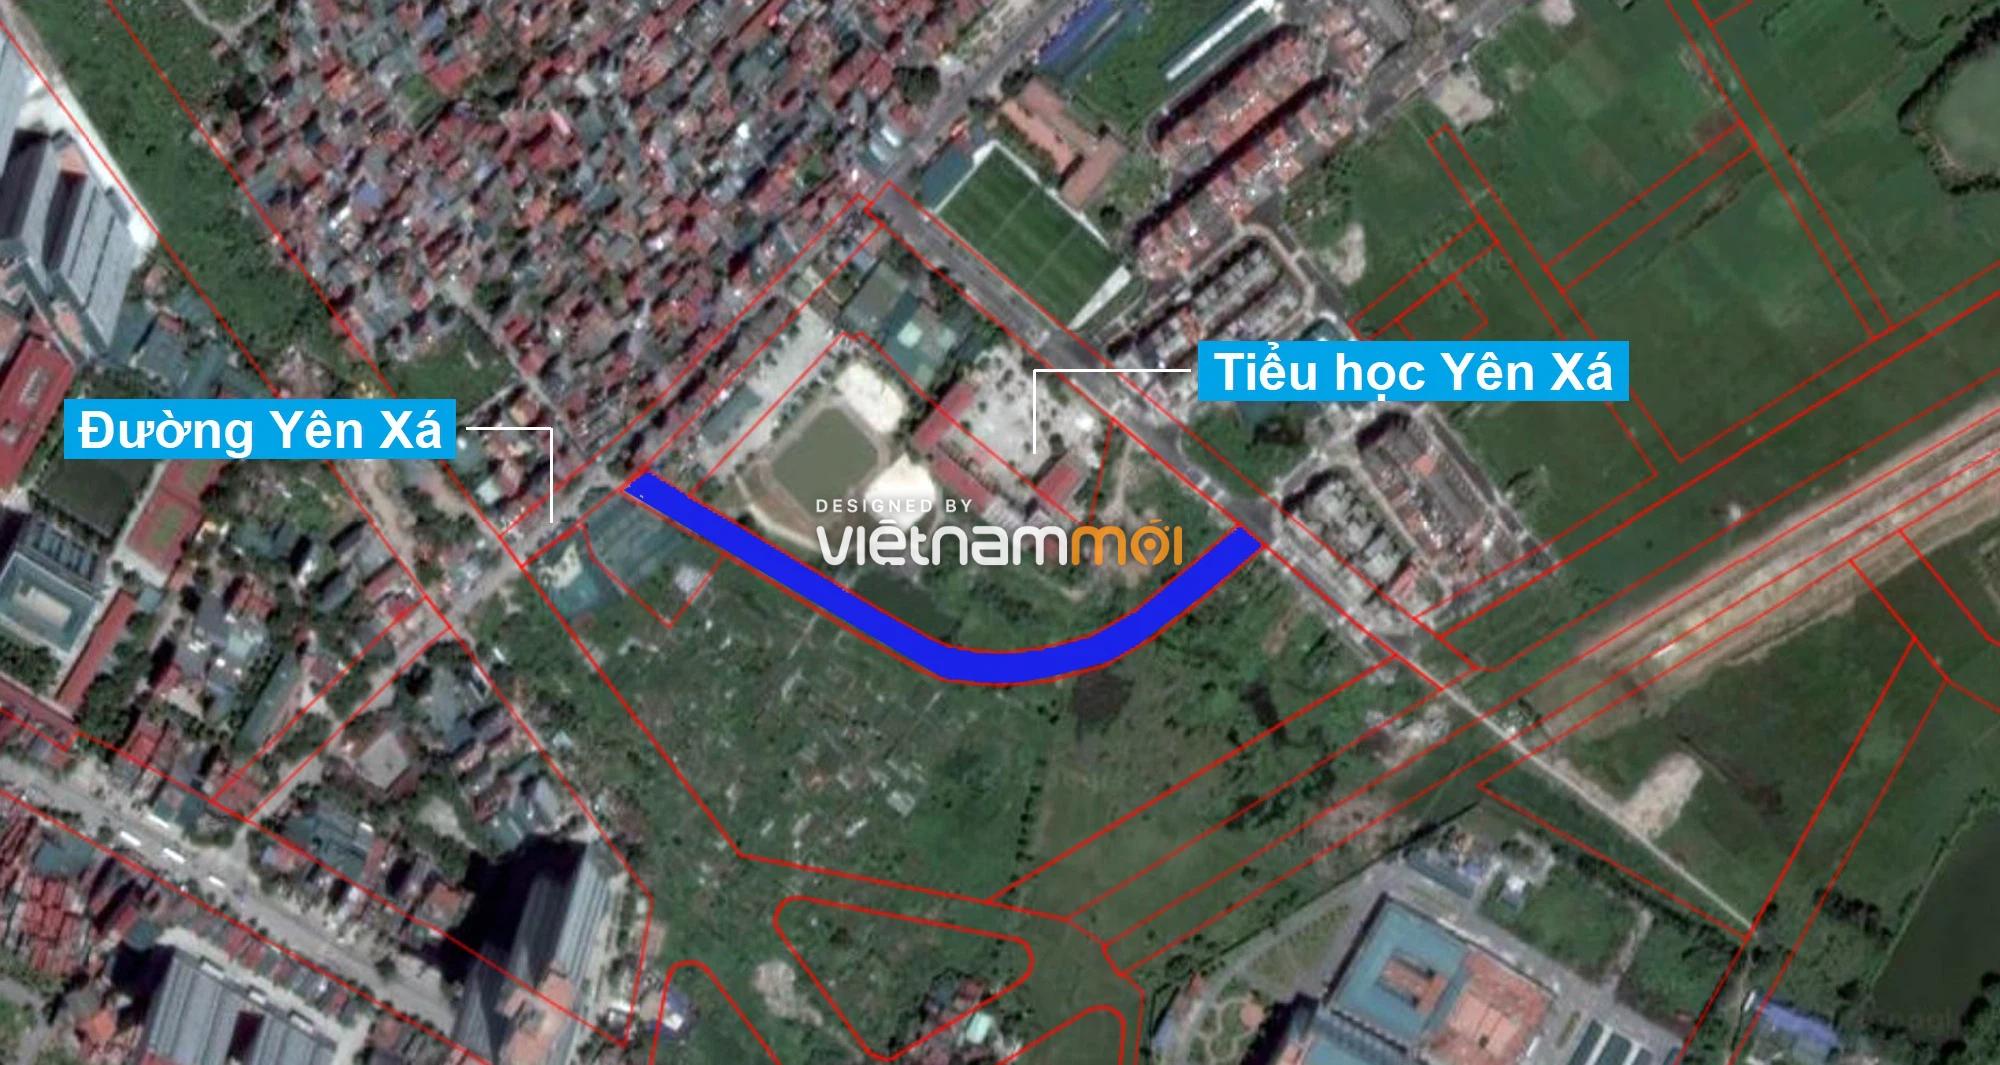 Những khu đất sắp thu hồi để mở đường ở xã Tân Triều, Thanh Trì, Hà Nội (phần 2) - Ảnh 10.